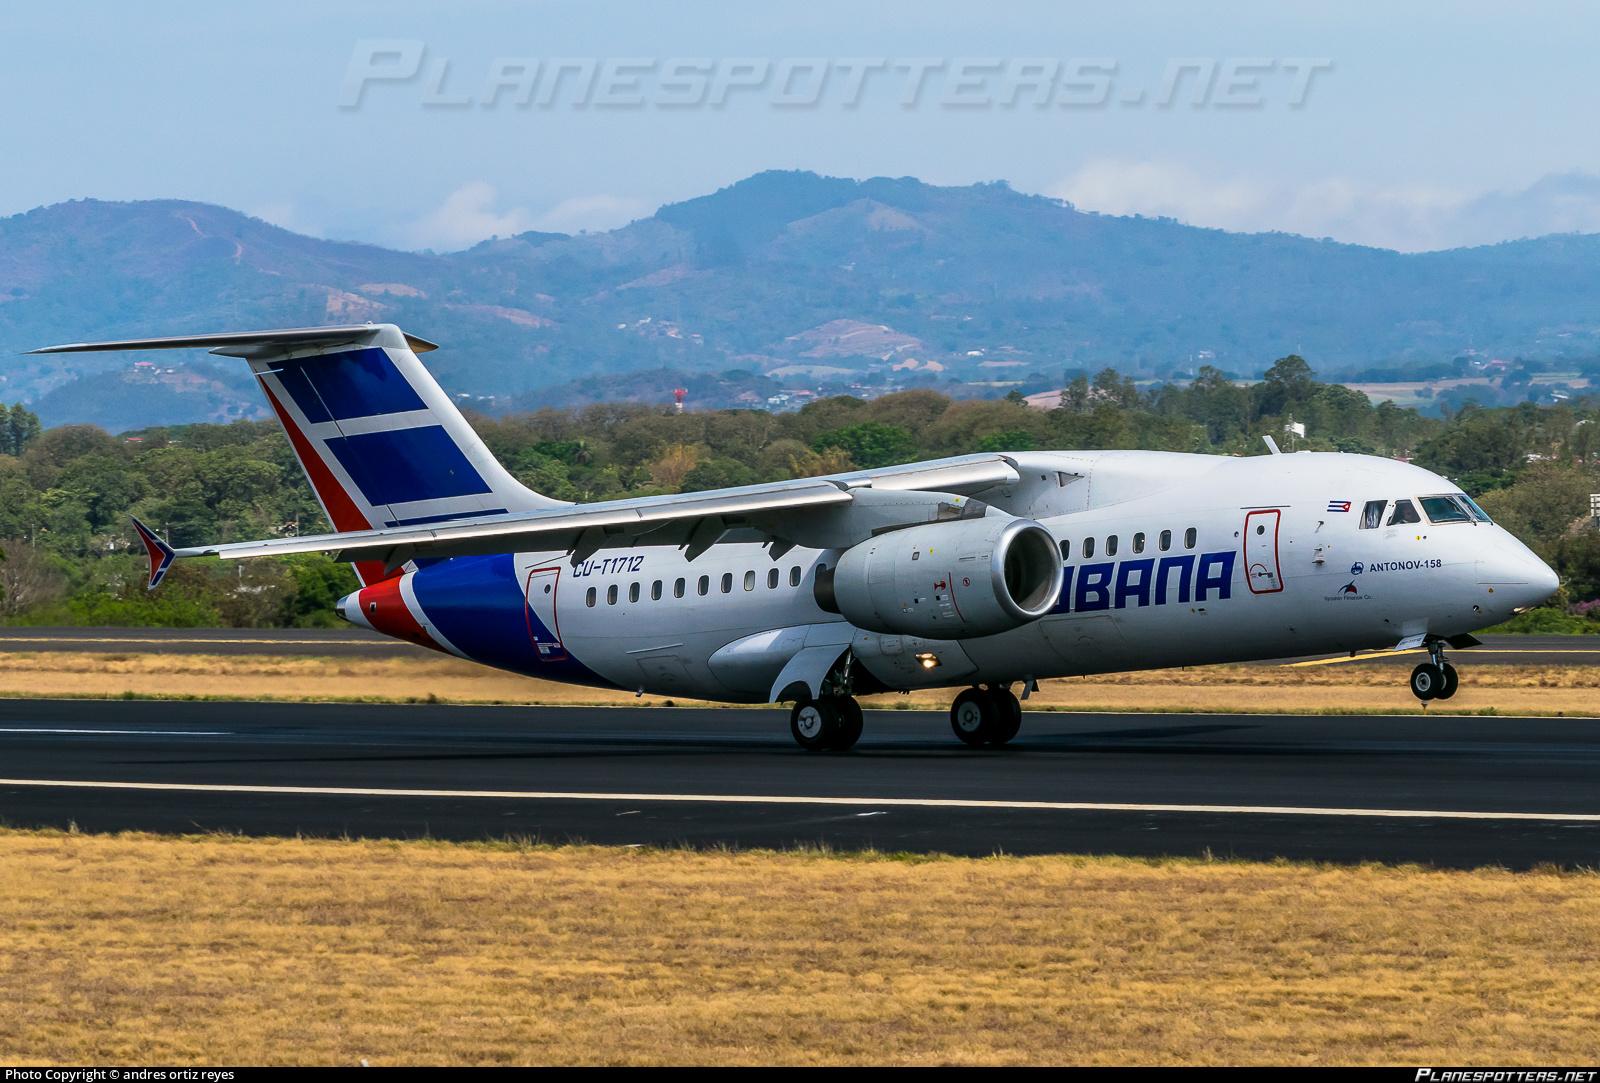 Пассажирский региональный самолет Ан-158 (регистрация CU-T1712, серийный номер 201-03) авиакомпании Cubana Aviation, 26.04.2015.